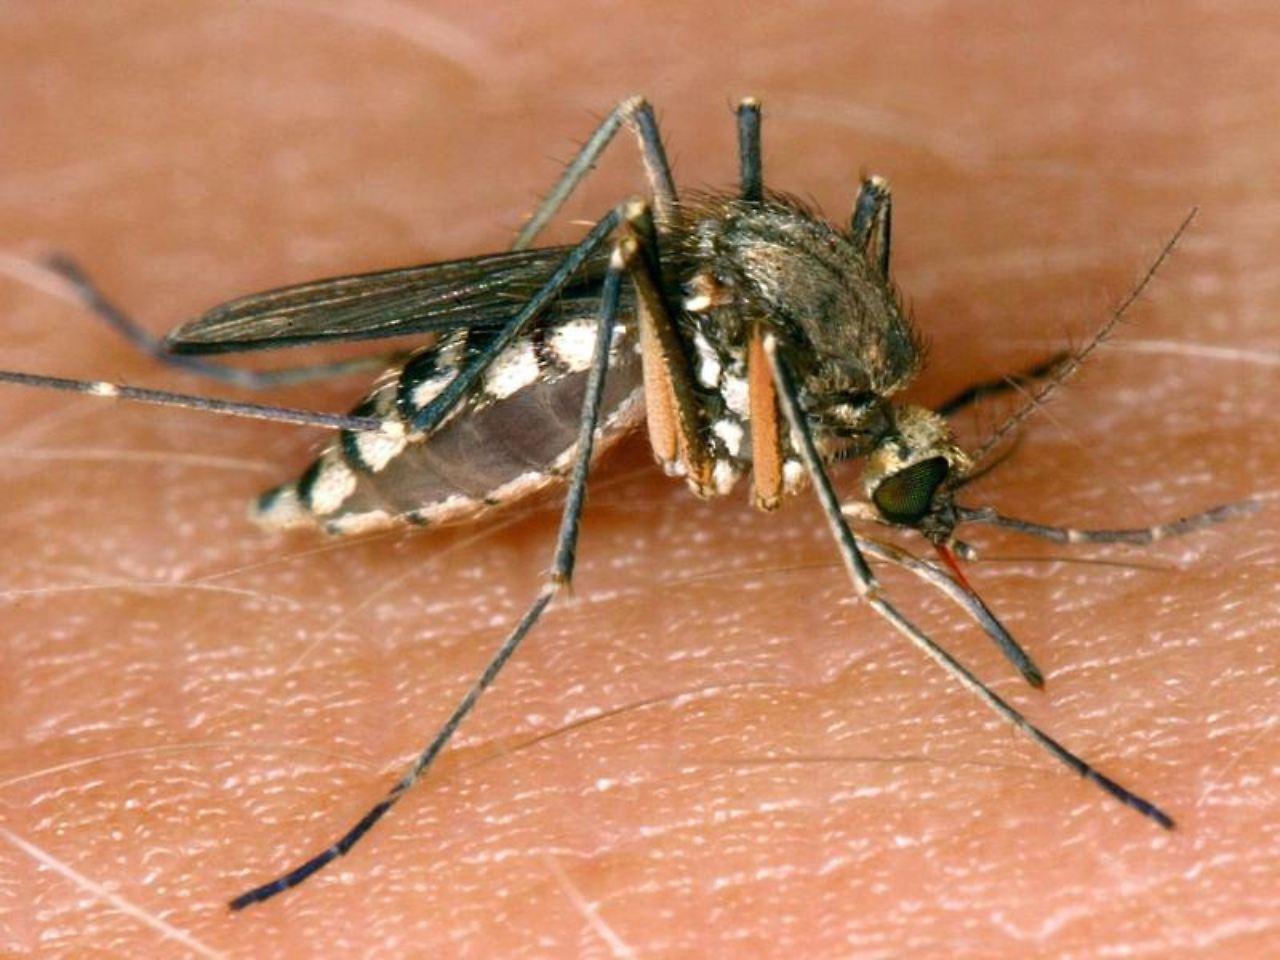 was gegen die insekten hilft: nach der flut kommen die mücken - n